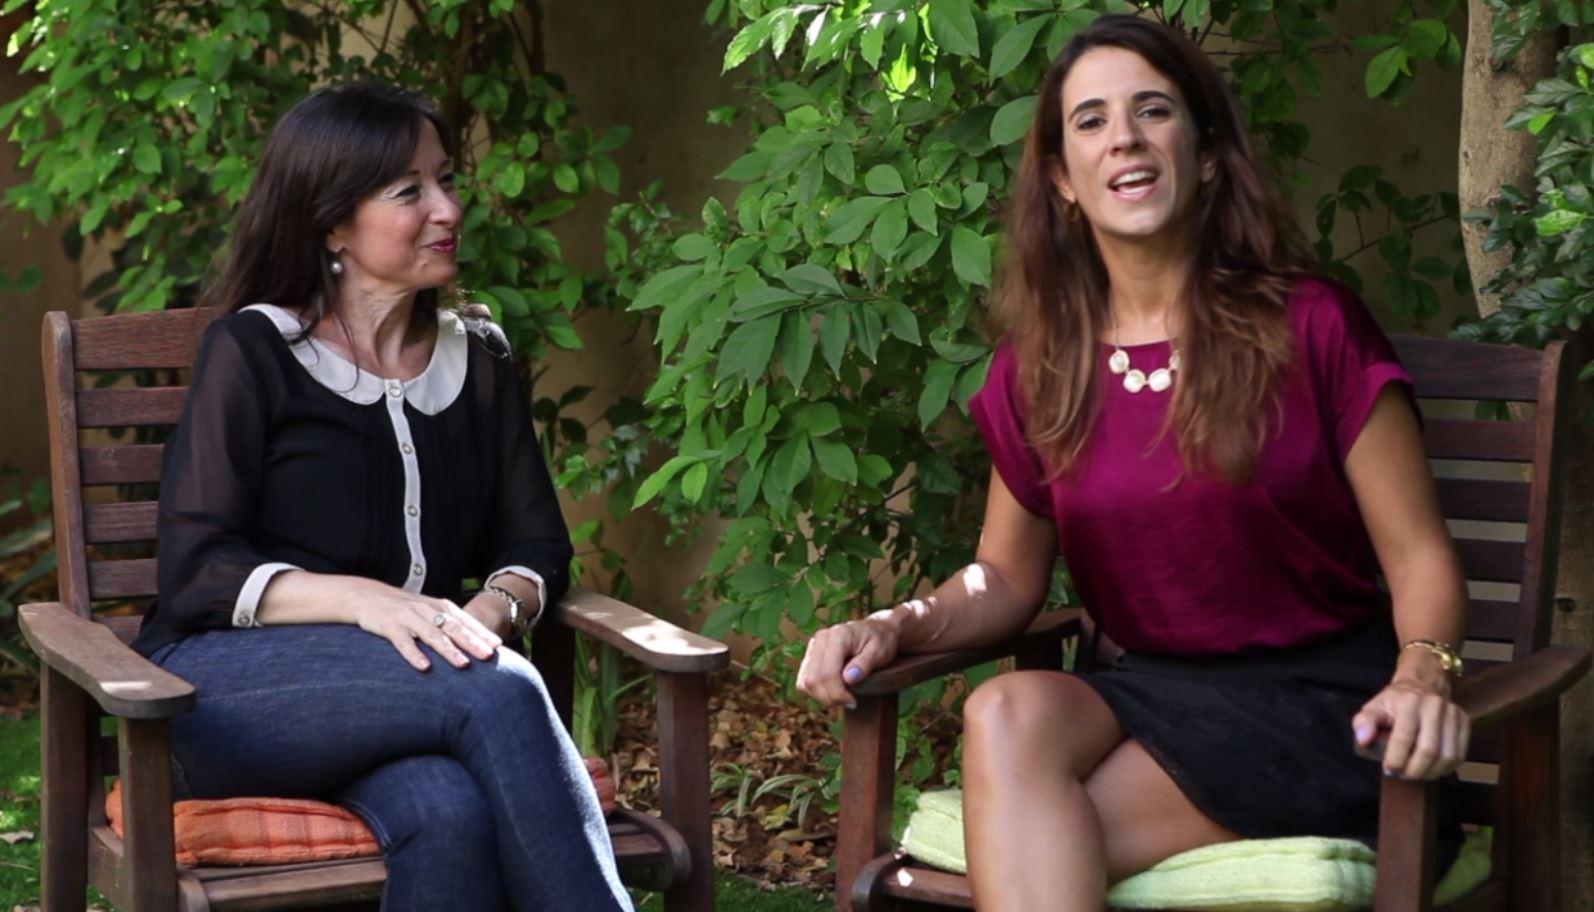 Laura Aiello entrevista a Shohan Eckhaus